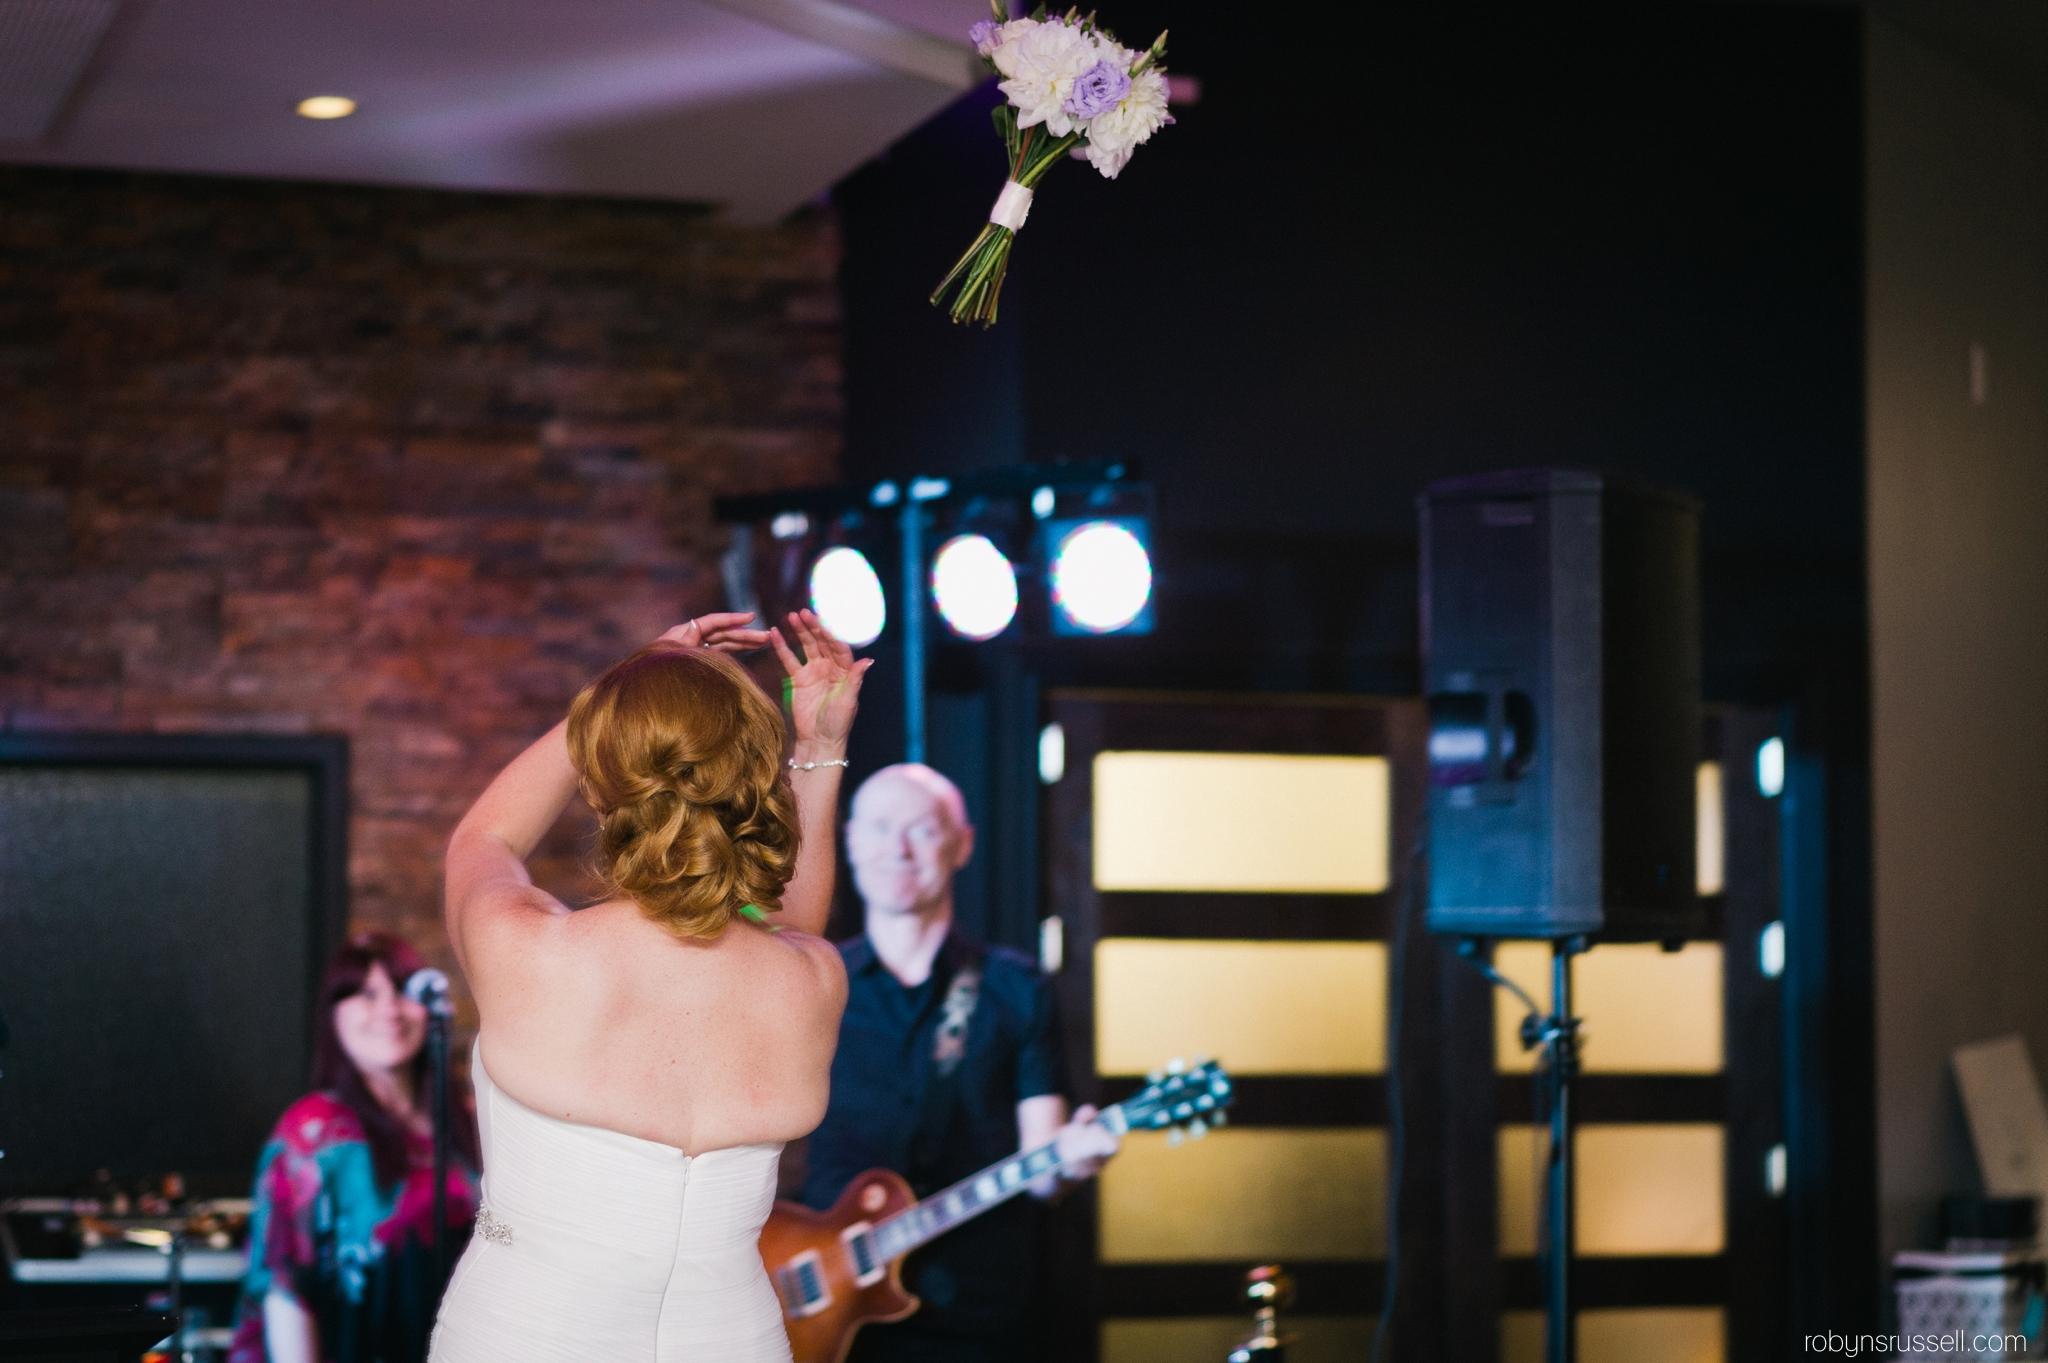 41-bride-tosses-bouquet-harbour-banquet-hall.jpg